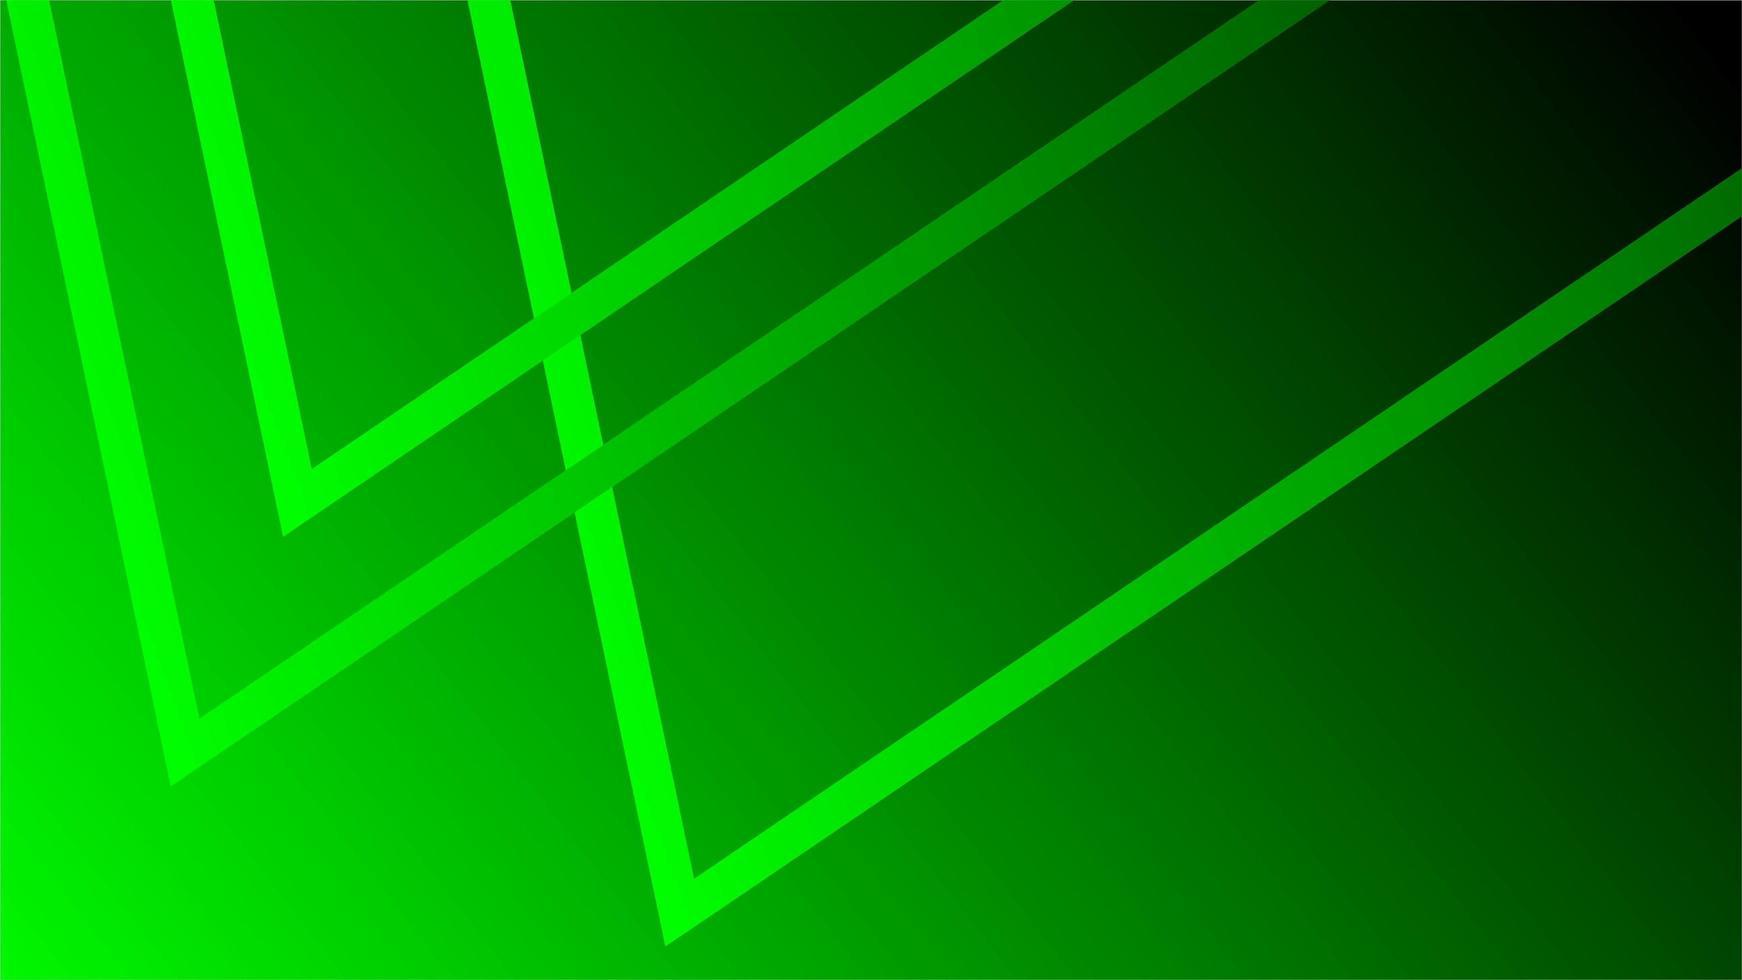 fondo verde neón vector